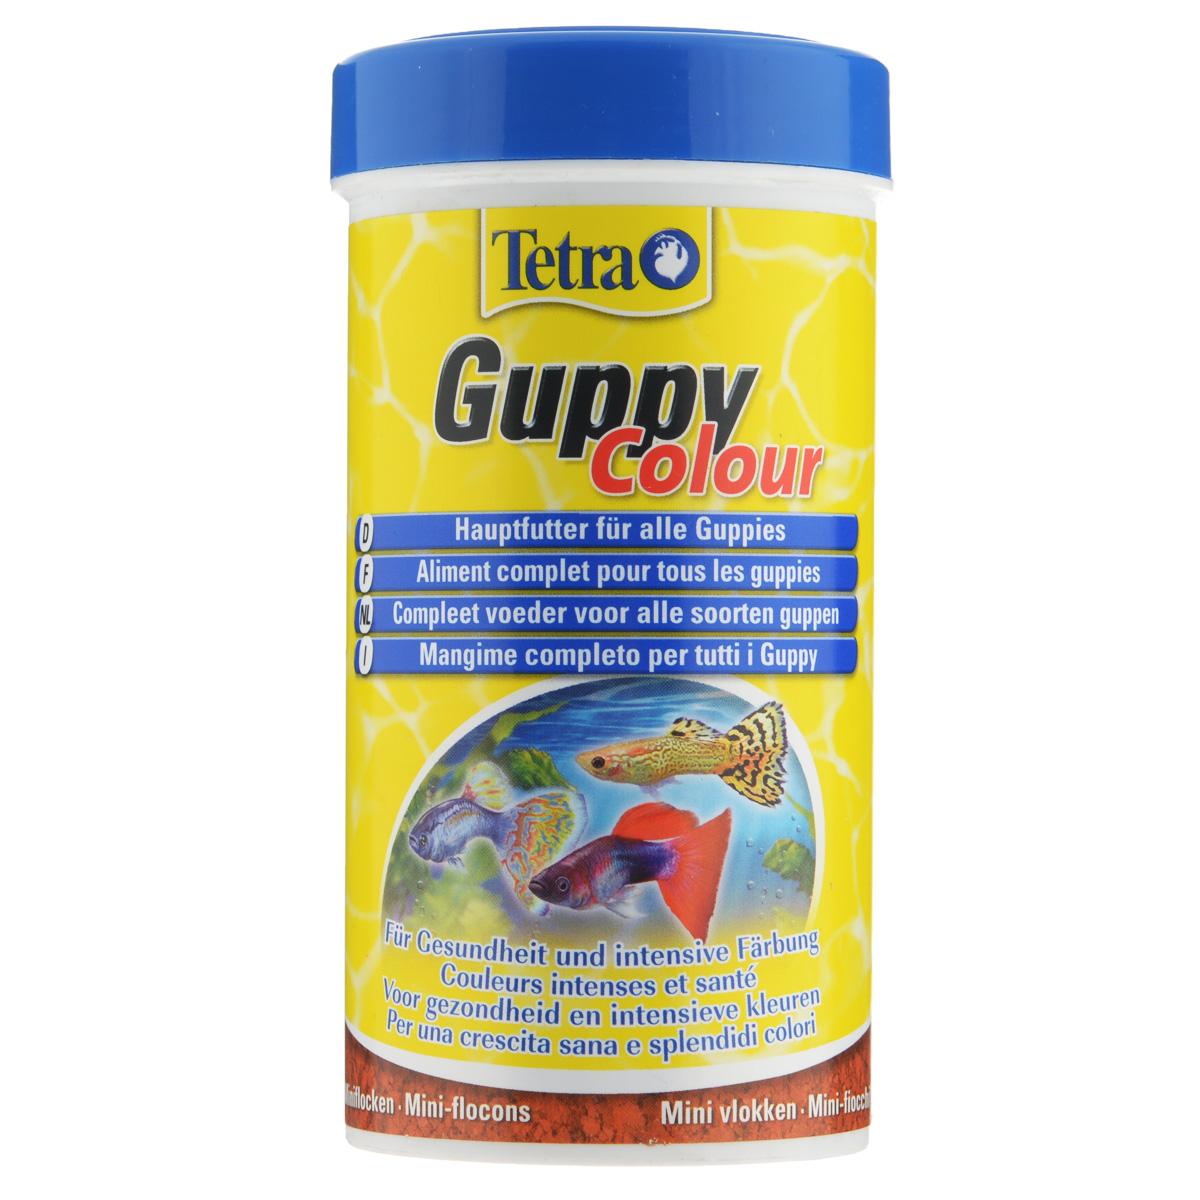 Корм Tetra Guppy Colour  для всех видов гуппи, в виде мини-хлопьев, 250 мл197190Корм Tetra Guppy Colour  - это полноценный корм в виде мини-хлопьев для всех видов гуппи, а также для других живородящих аквариумных рыб. Содержит натуральные усилители окраски (каротиноиды, полученные из некоторых видов растений и ракообразных). Содержит легкоусвояемый растительный белок. Улучшает иммунную систему и развитие организма. Рекомендации по кормлению: кормить несколько раз в день маленькими порциями. Характеристики: Состав: рыба и побочные рыбные продукты, экстракты растительного белка, зерновые культуры, растительные продукты, дрожжи, моллюски и раки, масла и жиры, водоросли, минеральные вещества. Пищевая ценность: сырой белок - 45%, сырые масла и жиры - 8%, сырая клетчатка - 4%, влага - 8%. Добавки: витамины, провитамины и химические вещества с аналогичным воздействием: витамин А 27200 МЕ/кг, витамин Д3 1700 МЕ/кг. Красители, антиоксиданты. Вес: 250 мл (75 г). Товар...